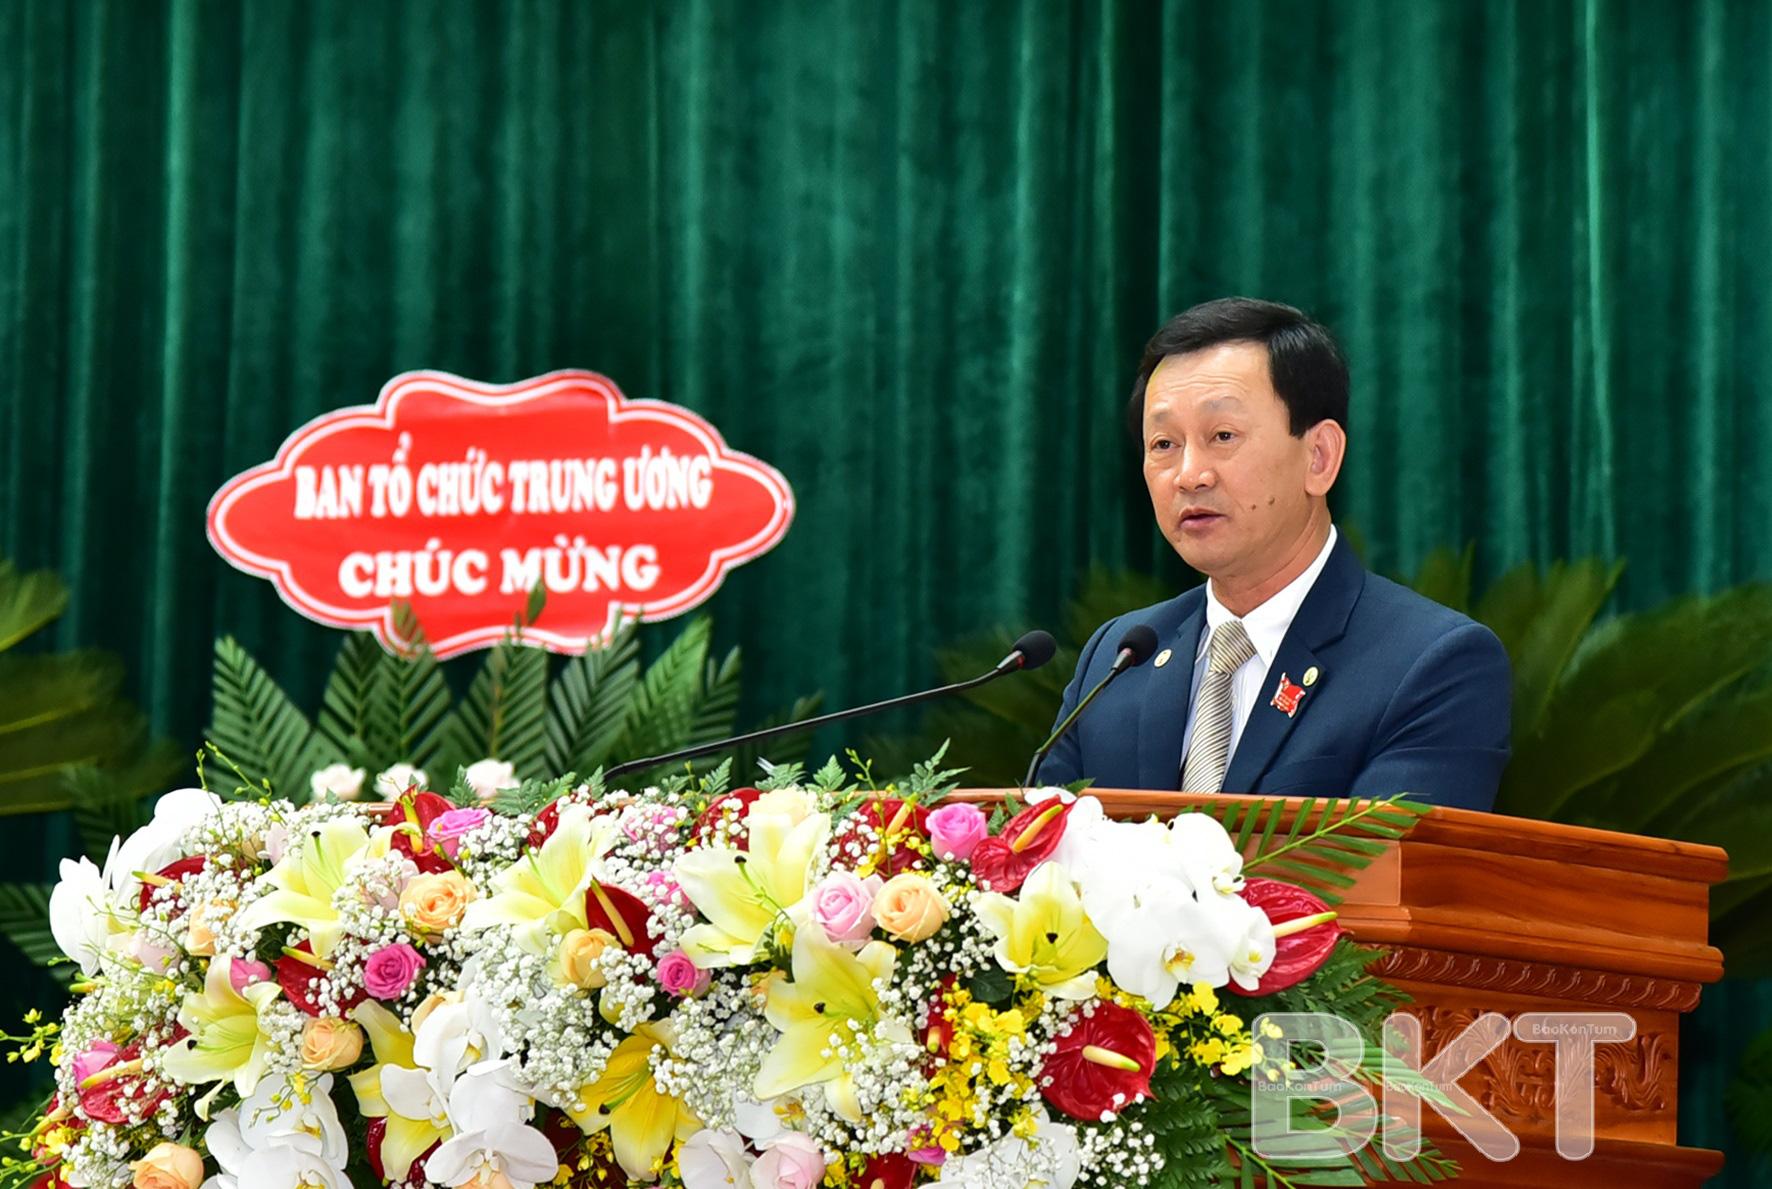 Bí thư Tỉnh ủy Dương Văn Trang được phê chuẩn miễn nhiệm chức Chủ tịch HĐND Gia Lai sau khi chuyển công tác - Ảnh 1.